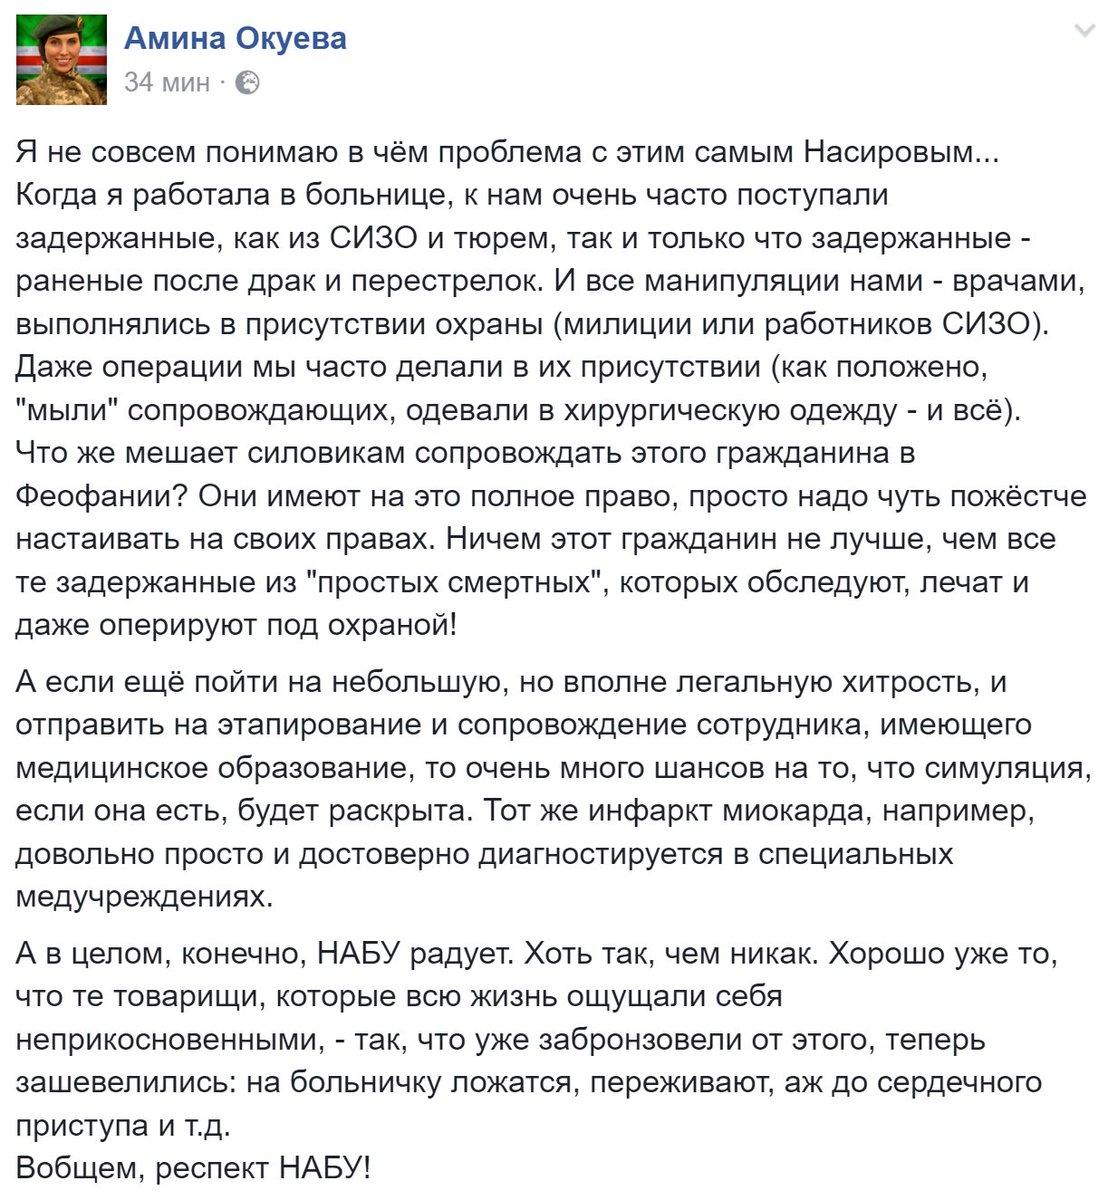 """""""Насиров попытается скрыться? Это антилогично и ненаучно"""", - адвокат - Цензор.НЕТ 6007"""